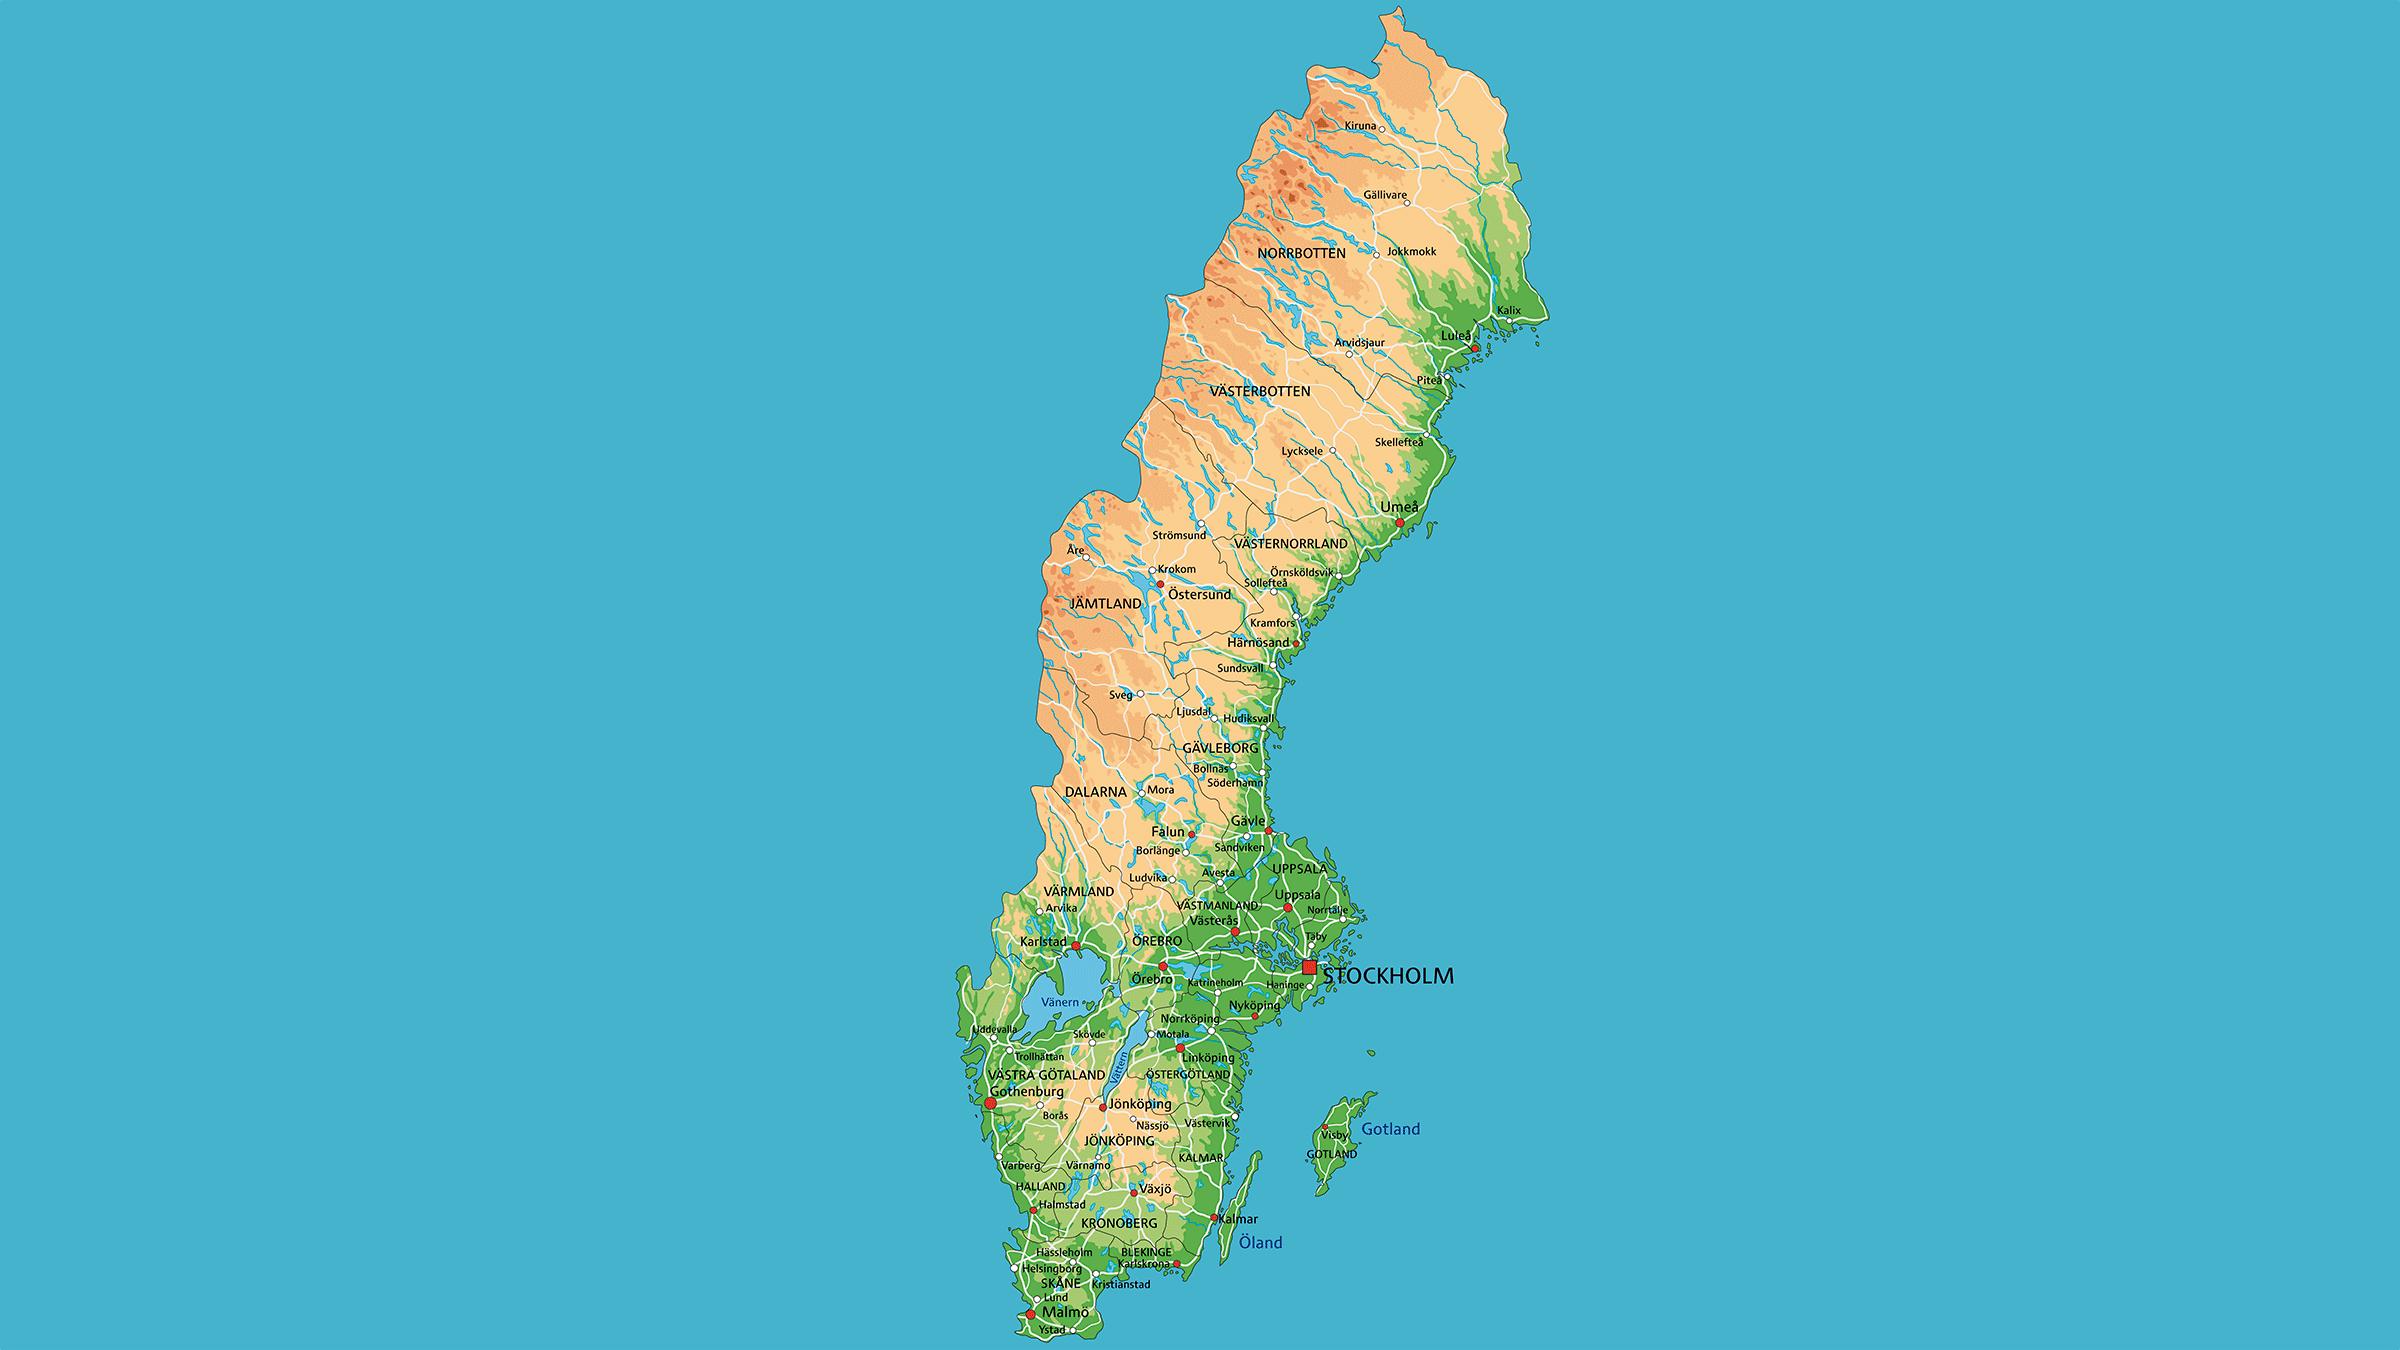 Mapa Politico De Suecia.Mapa Fisico De Suecia